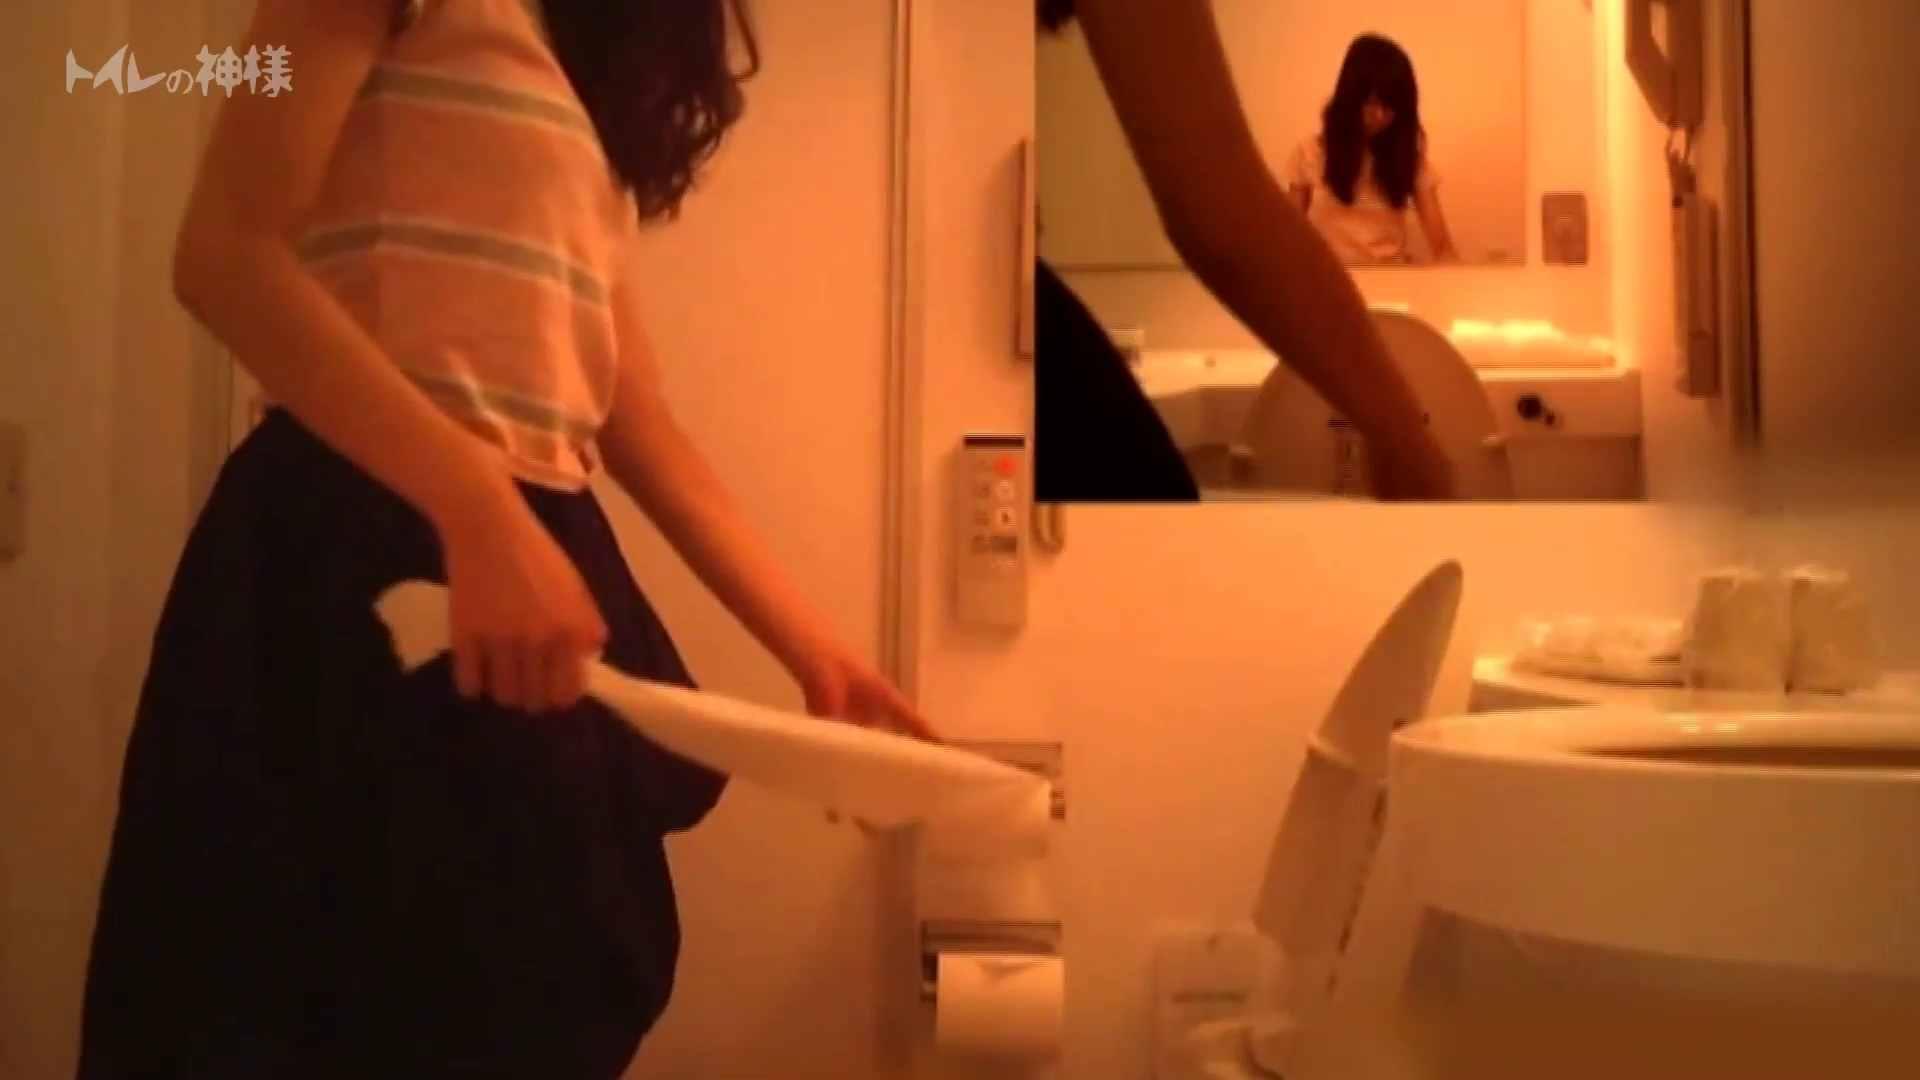 エッチ 熟女|Vol.04 女子大生のトイレ恥態|怪盗ジョーカー